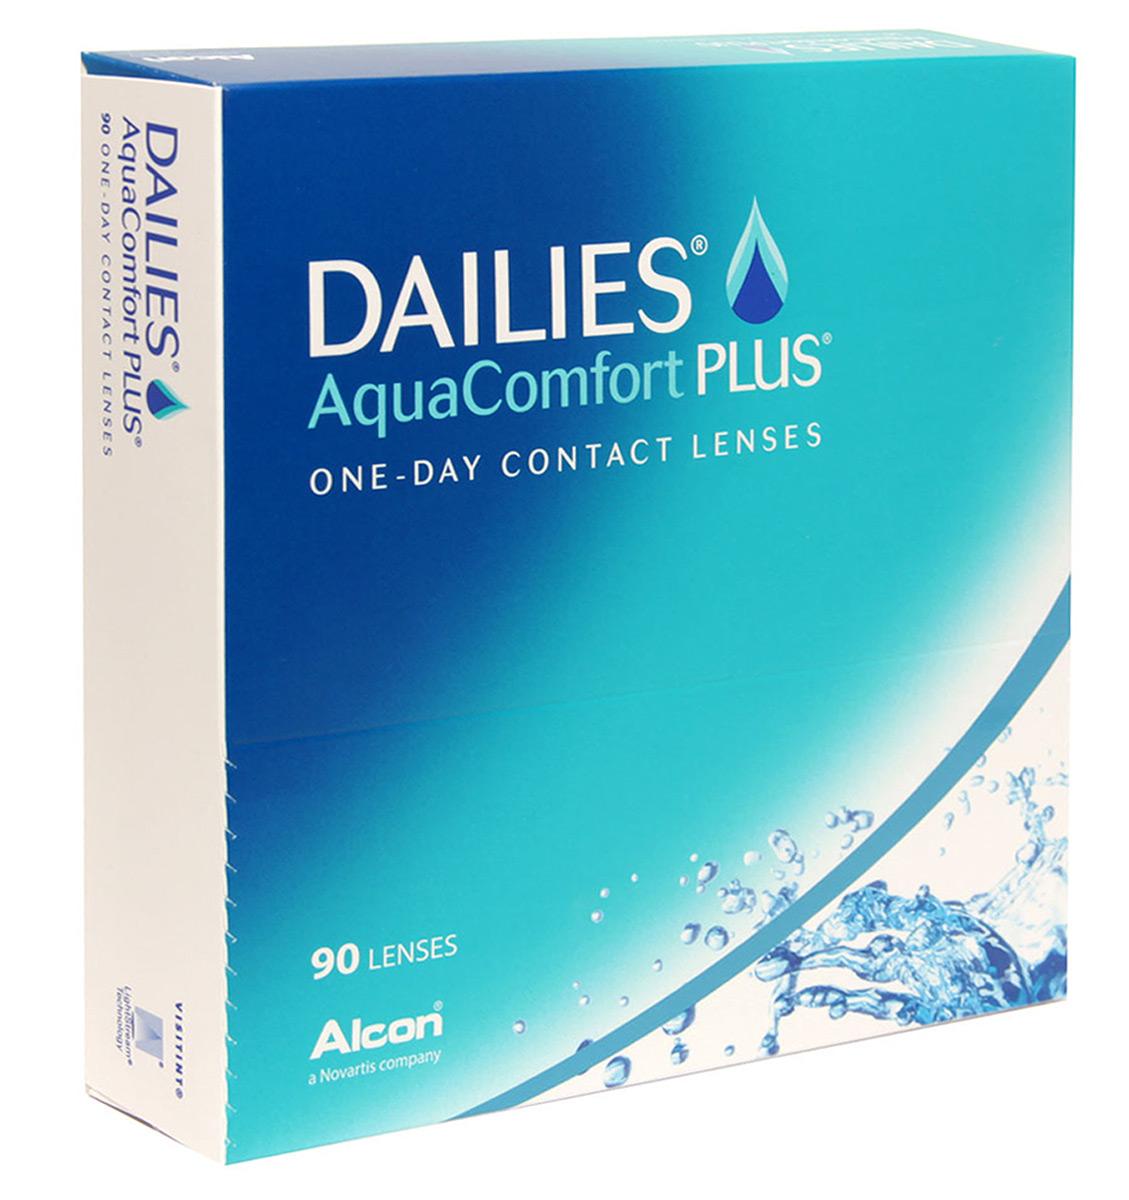 Alcon-CIBA Vision контактные линзы Dailies AquaComfort Plus (90шт / 8.7 / 14.0 / +2.50)31746549Dailies Aqua Comfort Plus (90 блистеров) – это одни из самых популярных однодневных линз производства компании CIBA VISION. Эти линзы пользуются огромной популярностью во всем мире и являются на сегодняшний день самыми безопасными контактными линзами. Изготавливаются линзы из современного, 100% безопасного материала нелфилкон А. Особенность этого материала в том, что он легко пропускает воздух и хорошо сохраняет влагу. Однодневные контактные линзы Dailies Aqua Comfort Plus не нуждаются в дополнительном уходе и затратах, каждый день вы надеваете свежую пару линз. Дизайн линзы биосовместимый, что гарантирует безупречный комфорт. Самое главное достоинство Dailies Aqua Comfort Plus – это их уникальная система увлажнения. Благодаря этой разработке линзы увлажняются тремя различными агентами. Первый компонент, ухаживающий за линзами, находится в растворе, он как бы обволакивает линзу, обеспечивая чрезвычайно комфортное надевание. Второй агент выделяется на протяжении всего дня, он непрерывно смачивает линзы. Третий – увлажняющий агент, выделяется во время моргания, благодаря ему поддерживается постоянный комфорт. Также линзы имеют УФ-фильтр, который будет заботиться о ваших глазах. Dailies Aqua Comfort Plus одни из лучших линз в своей категории. Всемирно известная компания CIBAVISION, создавая эти контактные линзы, попыталась учесть все потребности пациентов и ей это удалось!Кривизна, Mm: /8.7/.Оптическая сила,mm: +2.50.Содержание воды, %: 69.Контактные линзы или очки: советы офтальмологов. Статья OZON Гид